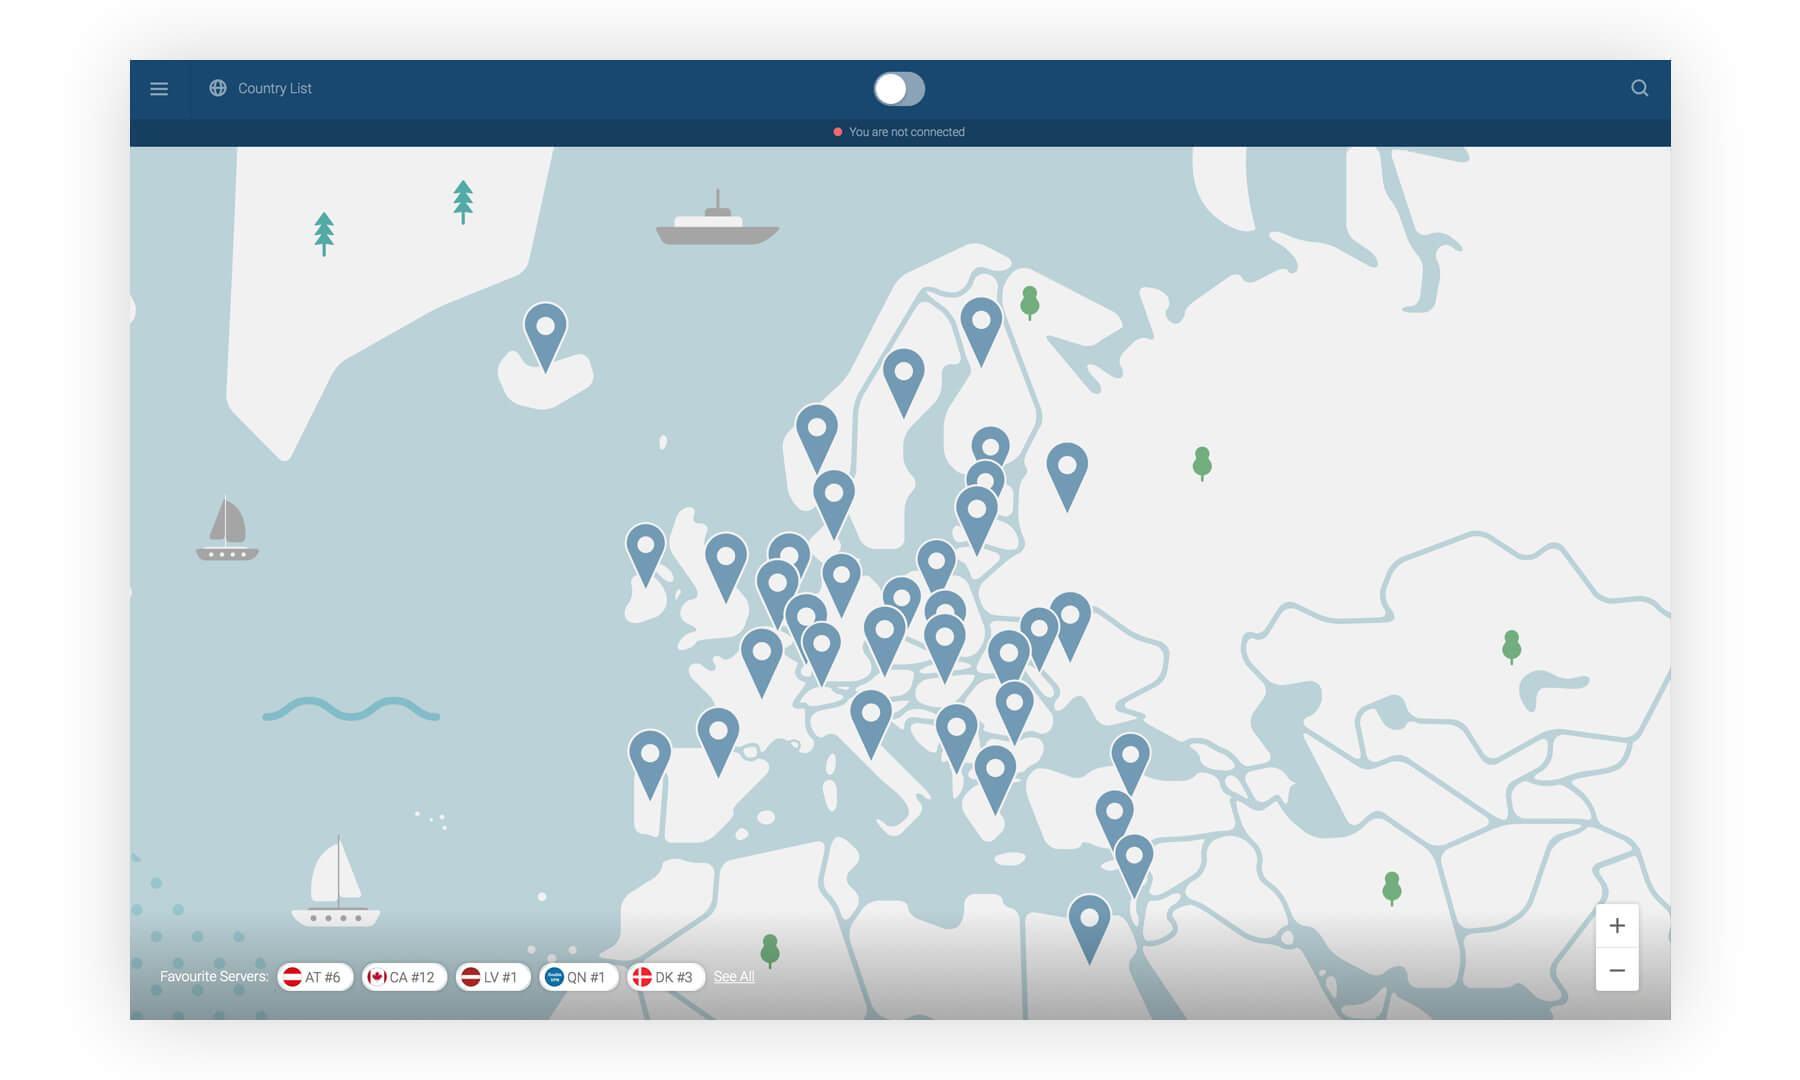 NordVPN Review und Giveaway: Schnell, sicher und anonym unterwegs